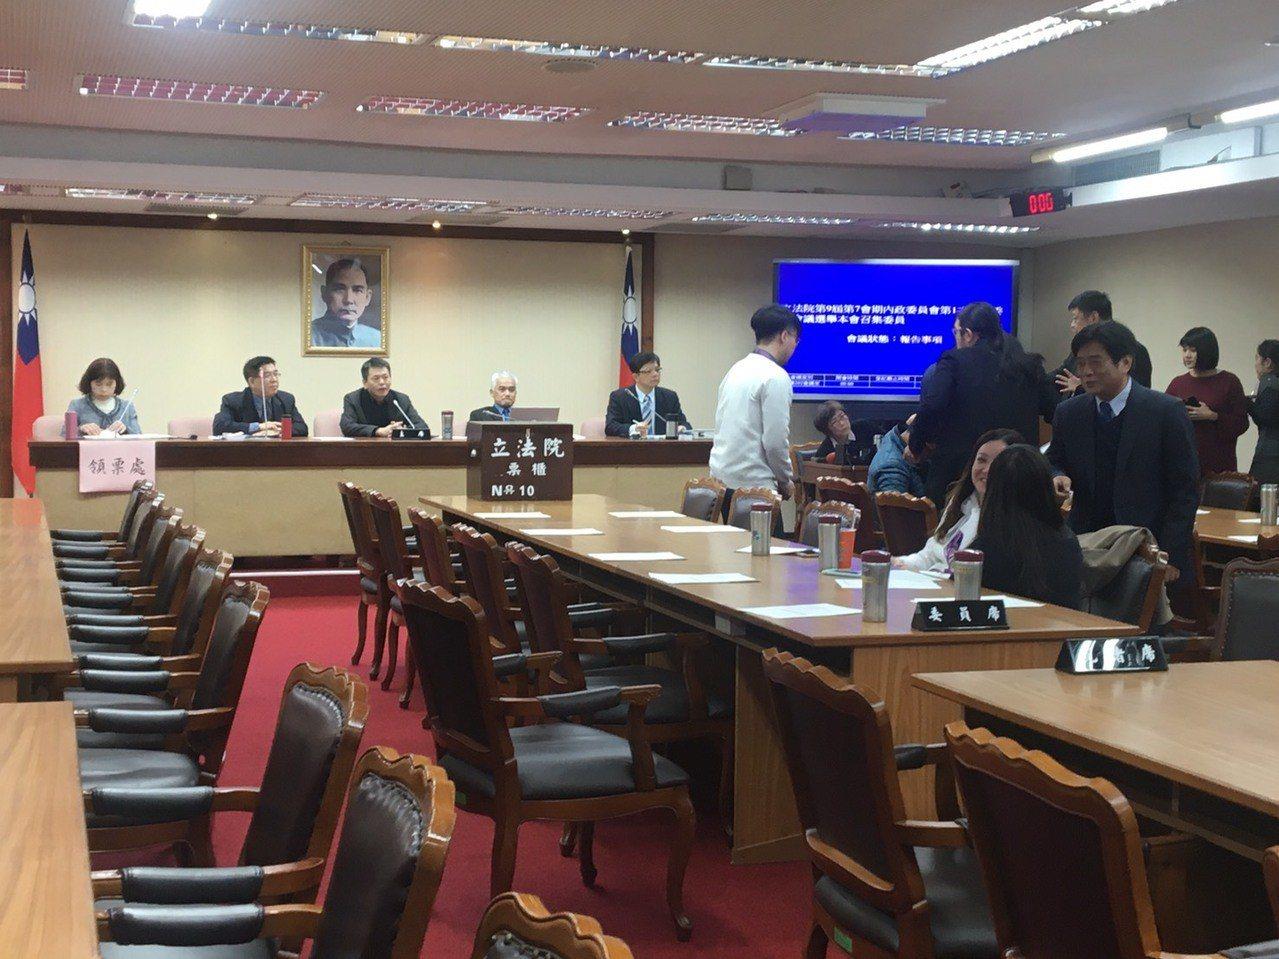 立法院今天舉行八個常設委員會的召委選舉,內政委員召委經由各黨團推舉產生。 聯合報...